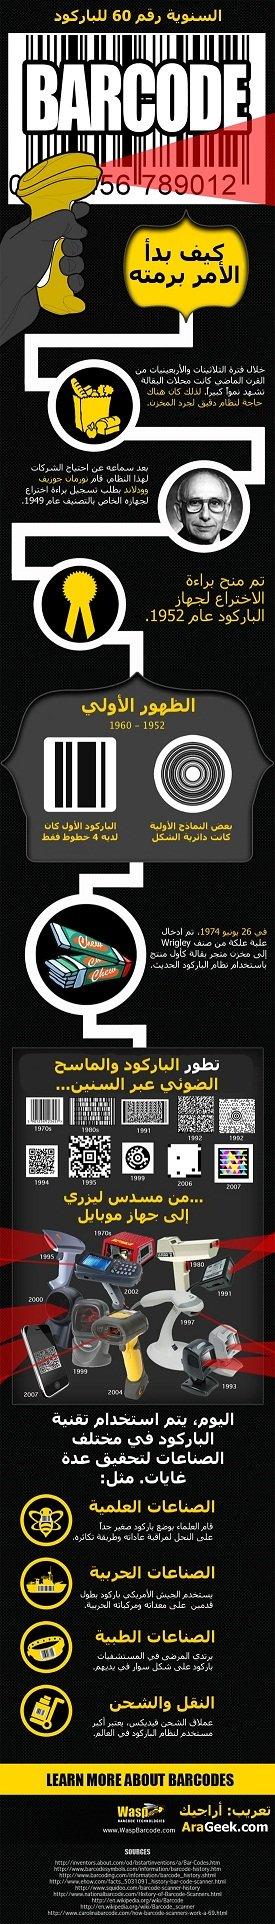 تاريخ تطور الباركود #انفوغراف #معلومات #انفوجرافيك #انفوجرافيك_عربي